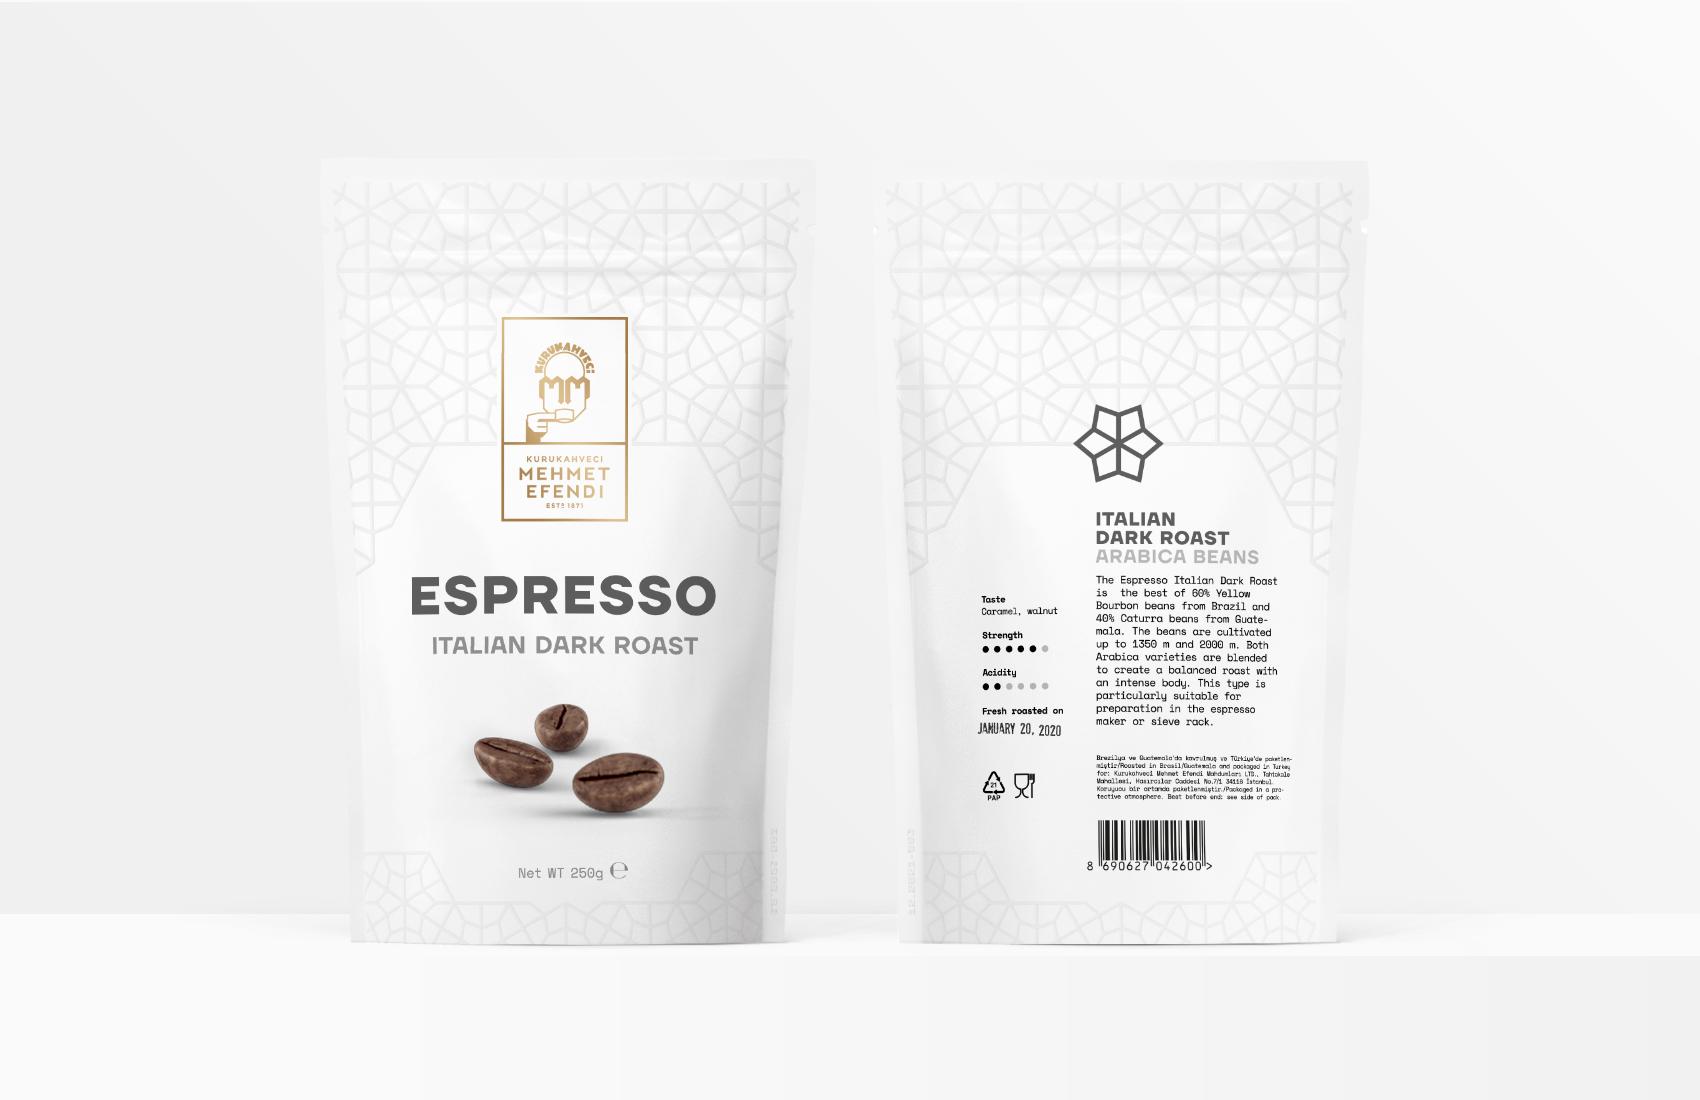 emretelli_kurukahvecimehmetefendi_filter-coffee_04_1700